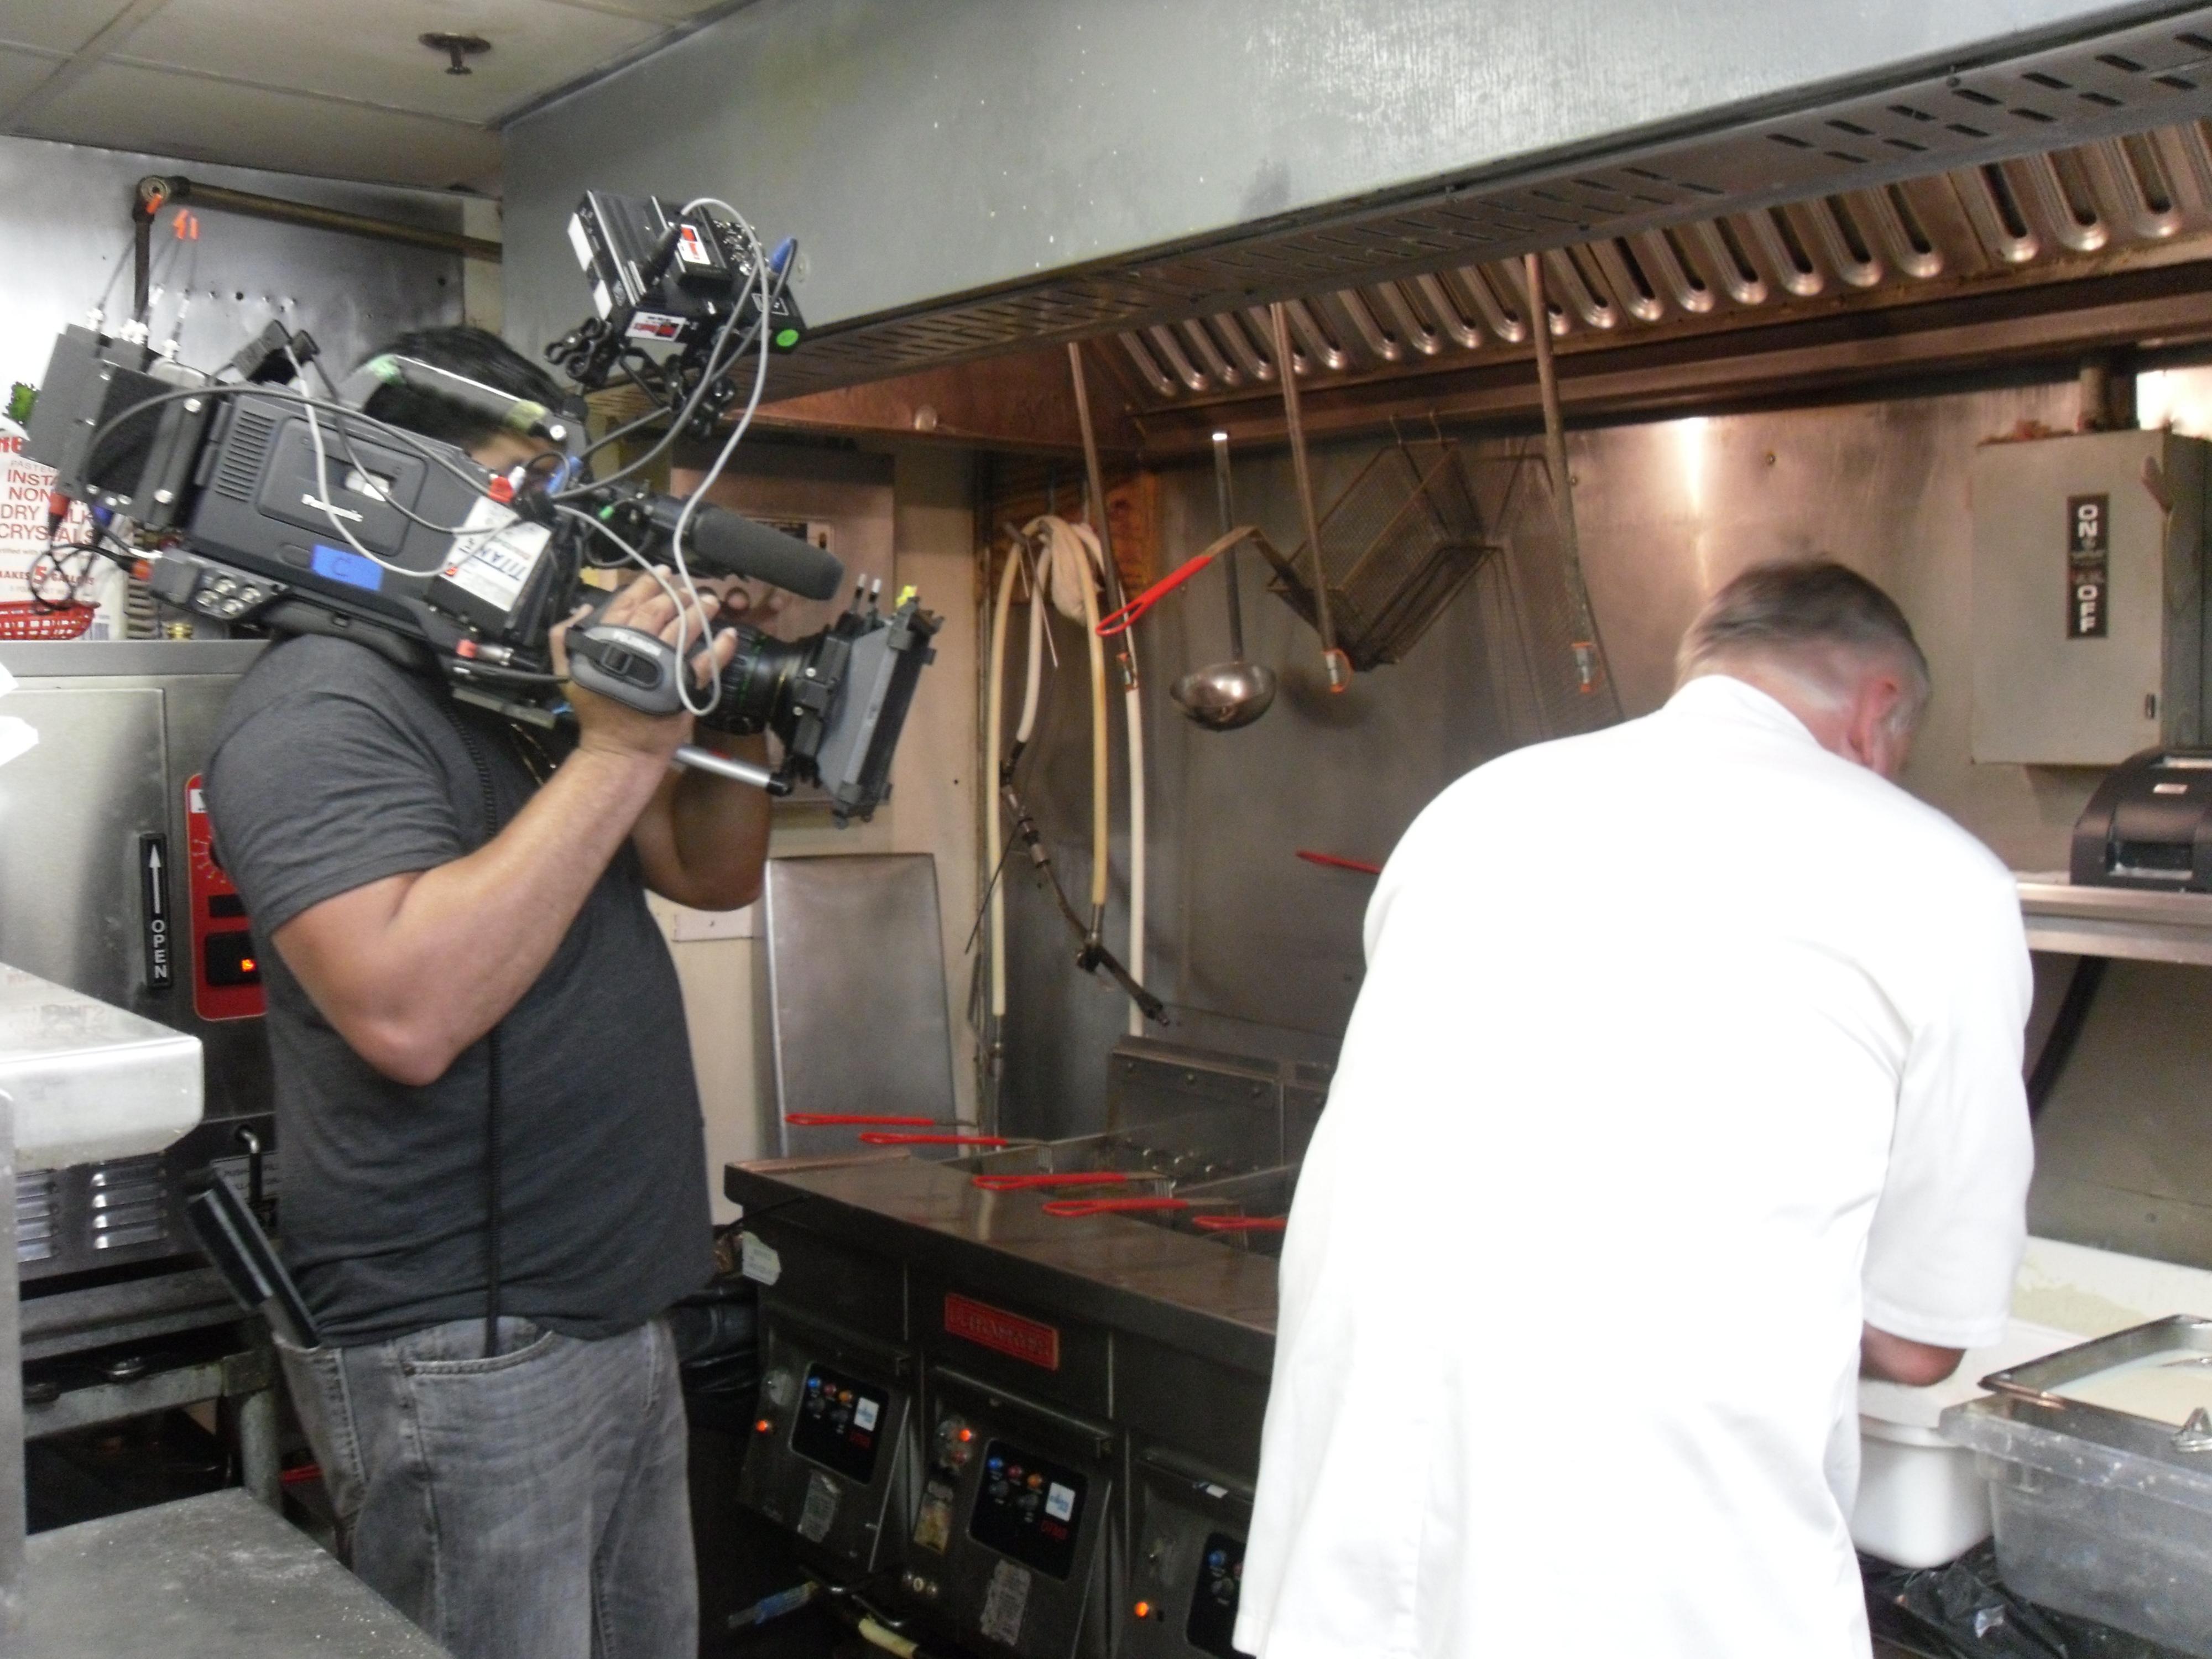 cameraman filming chef in kitchen